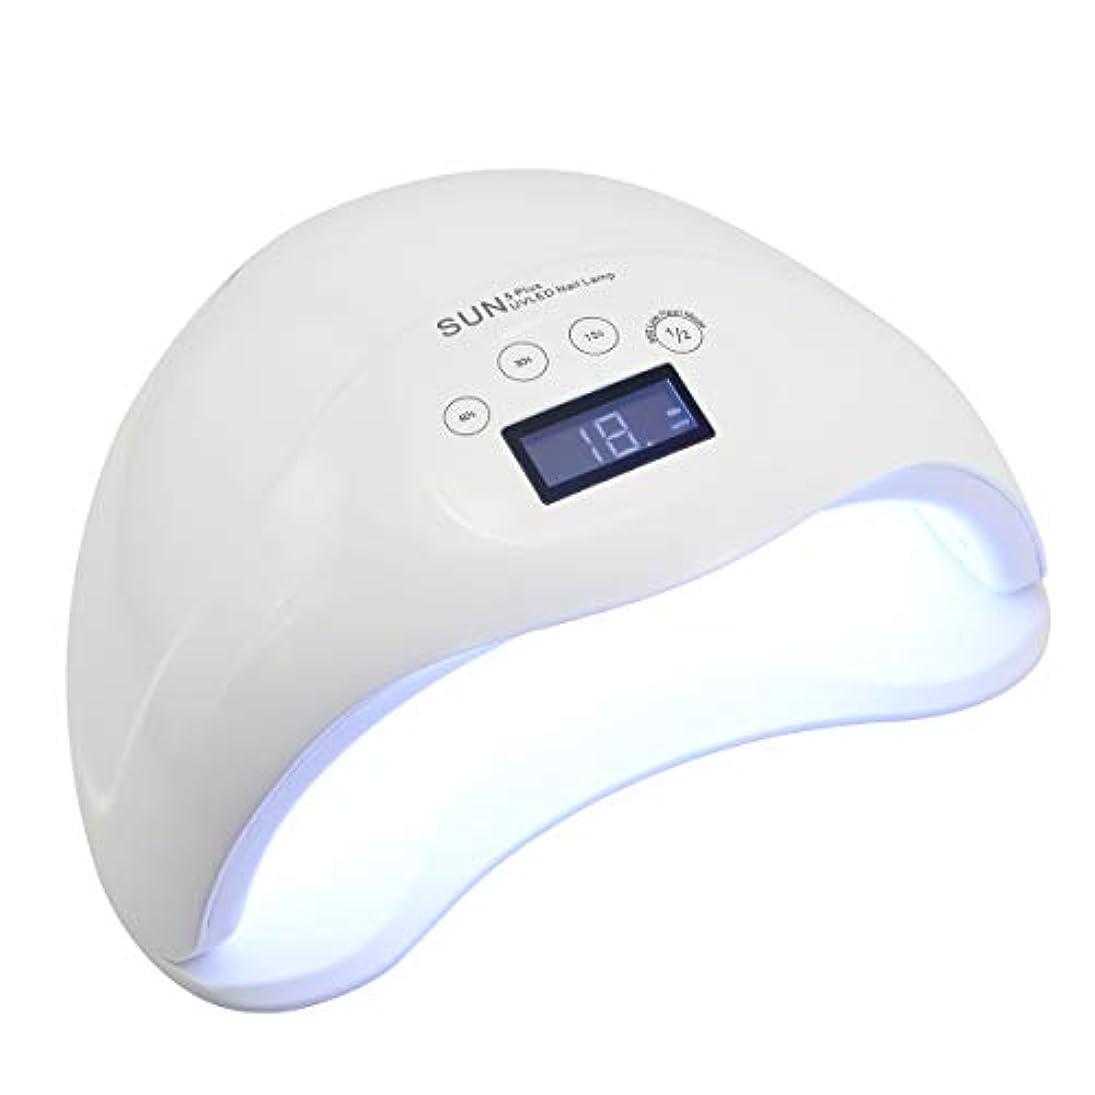 メディア続ける変位ネイルドライヤー kawakawa 硬化ライト 48W UV/LEDライト 高速硬化 自動センサー マニキュア ジェルネイル用 4段階タイマー 赤外線検知(ホワイト) 日本語取扱説明書付き